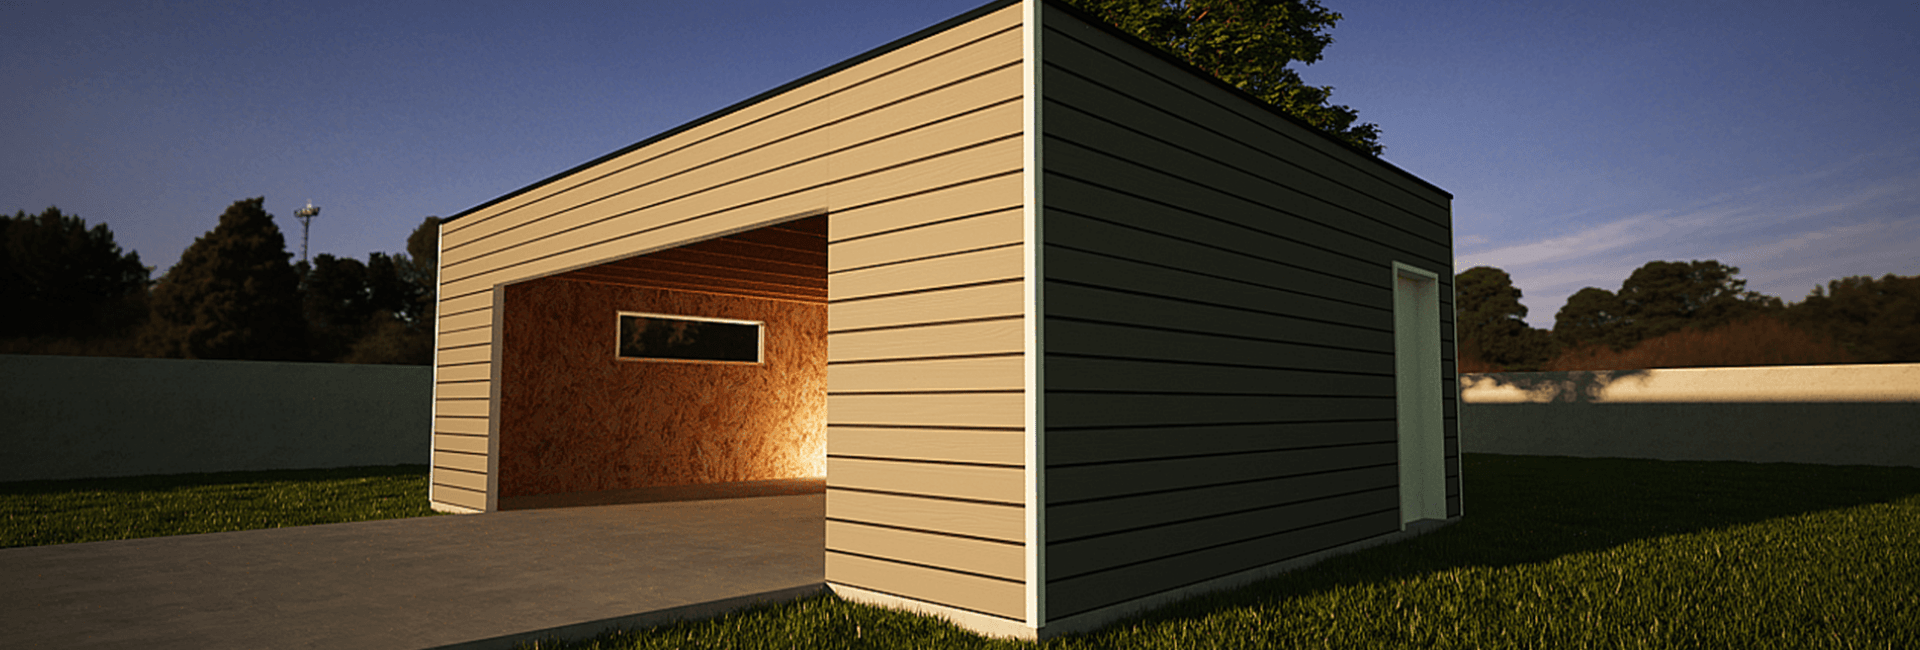 Garage Ossature Bois Sur Mesure De Qualite Garage Bois Double En Kit